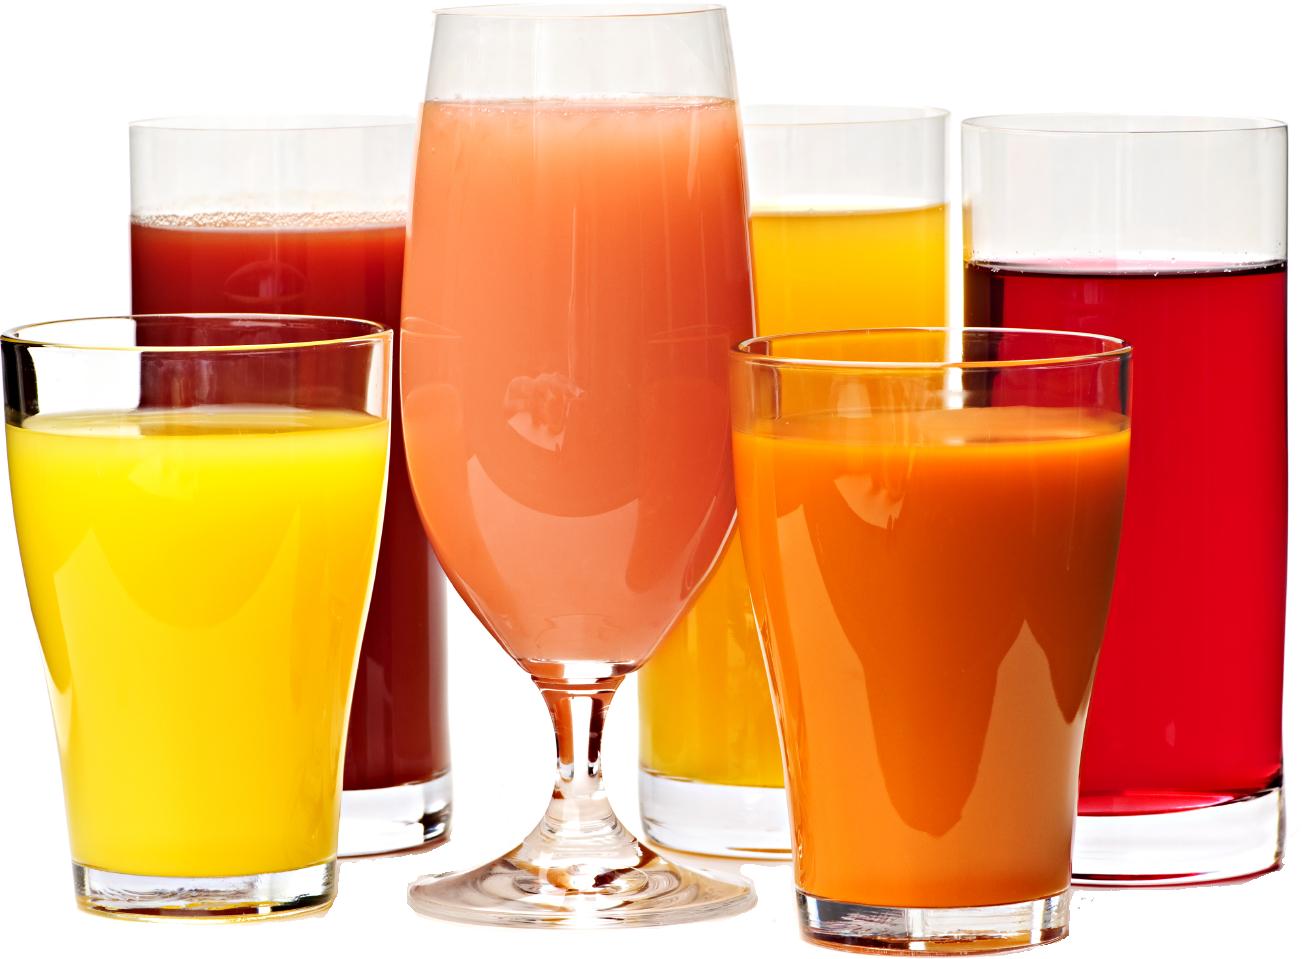 Test Color Of Beverages - Beverages, Transparent background PNG HD thumbnail